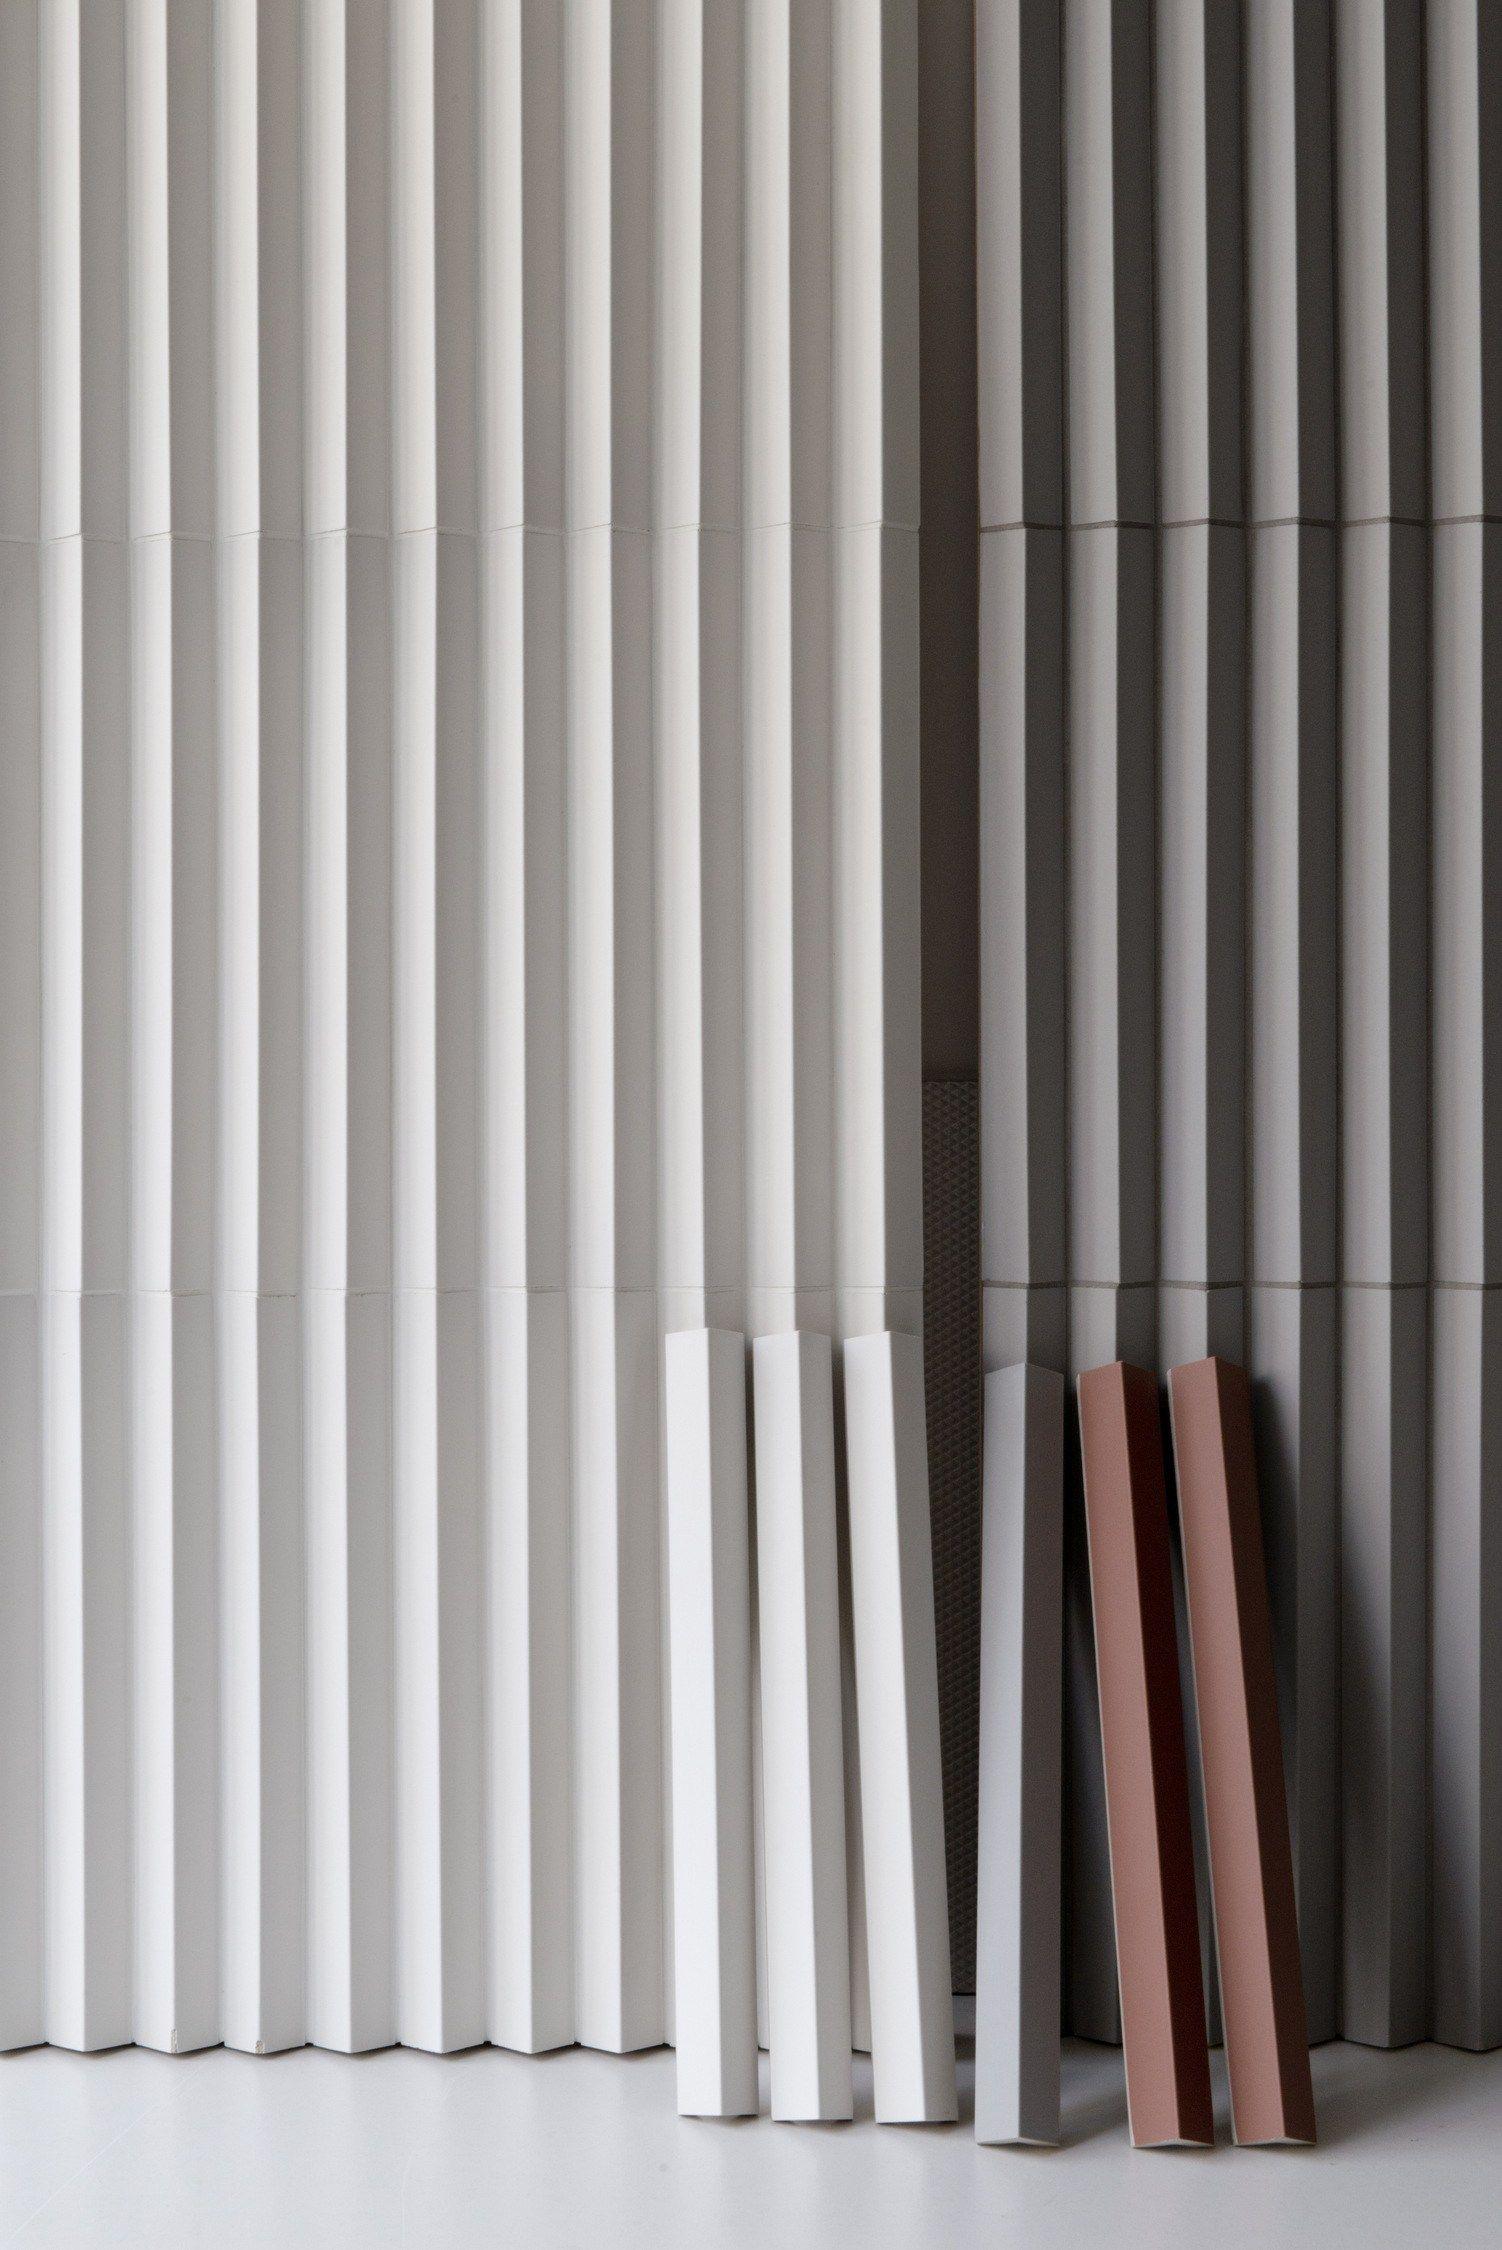 Ronan & Erwan Bouroullec rombini triangle white by mutina design ronan & erwan